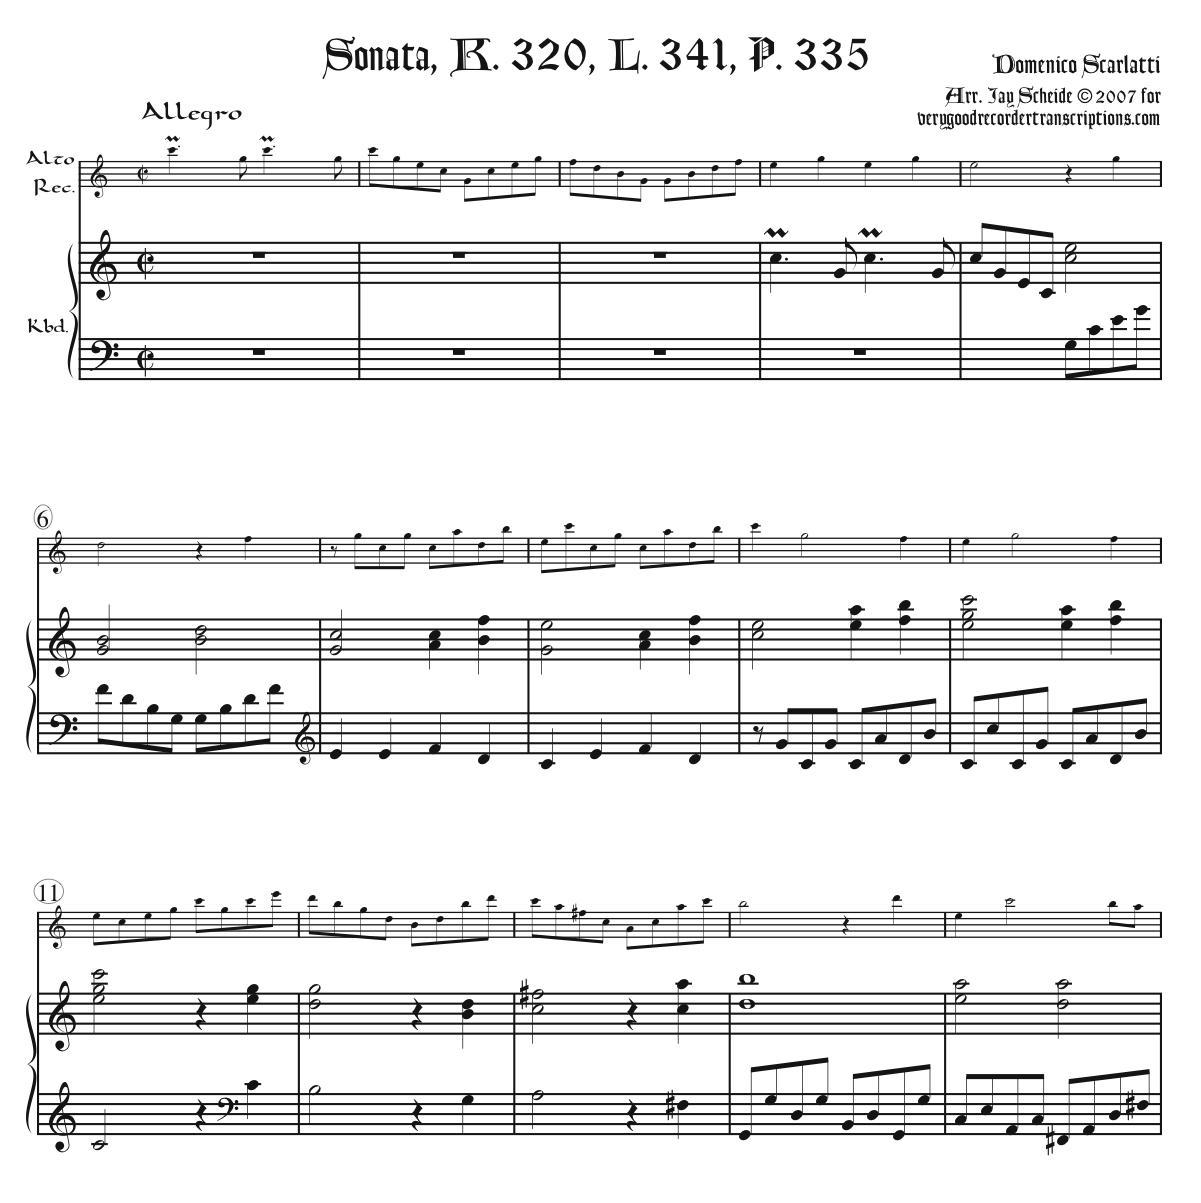 Sonata, K. 320, L. 341, P. 335